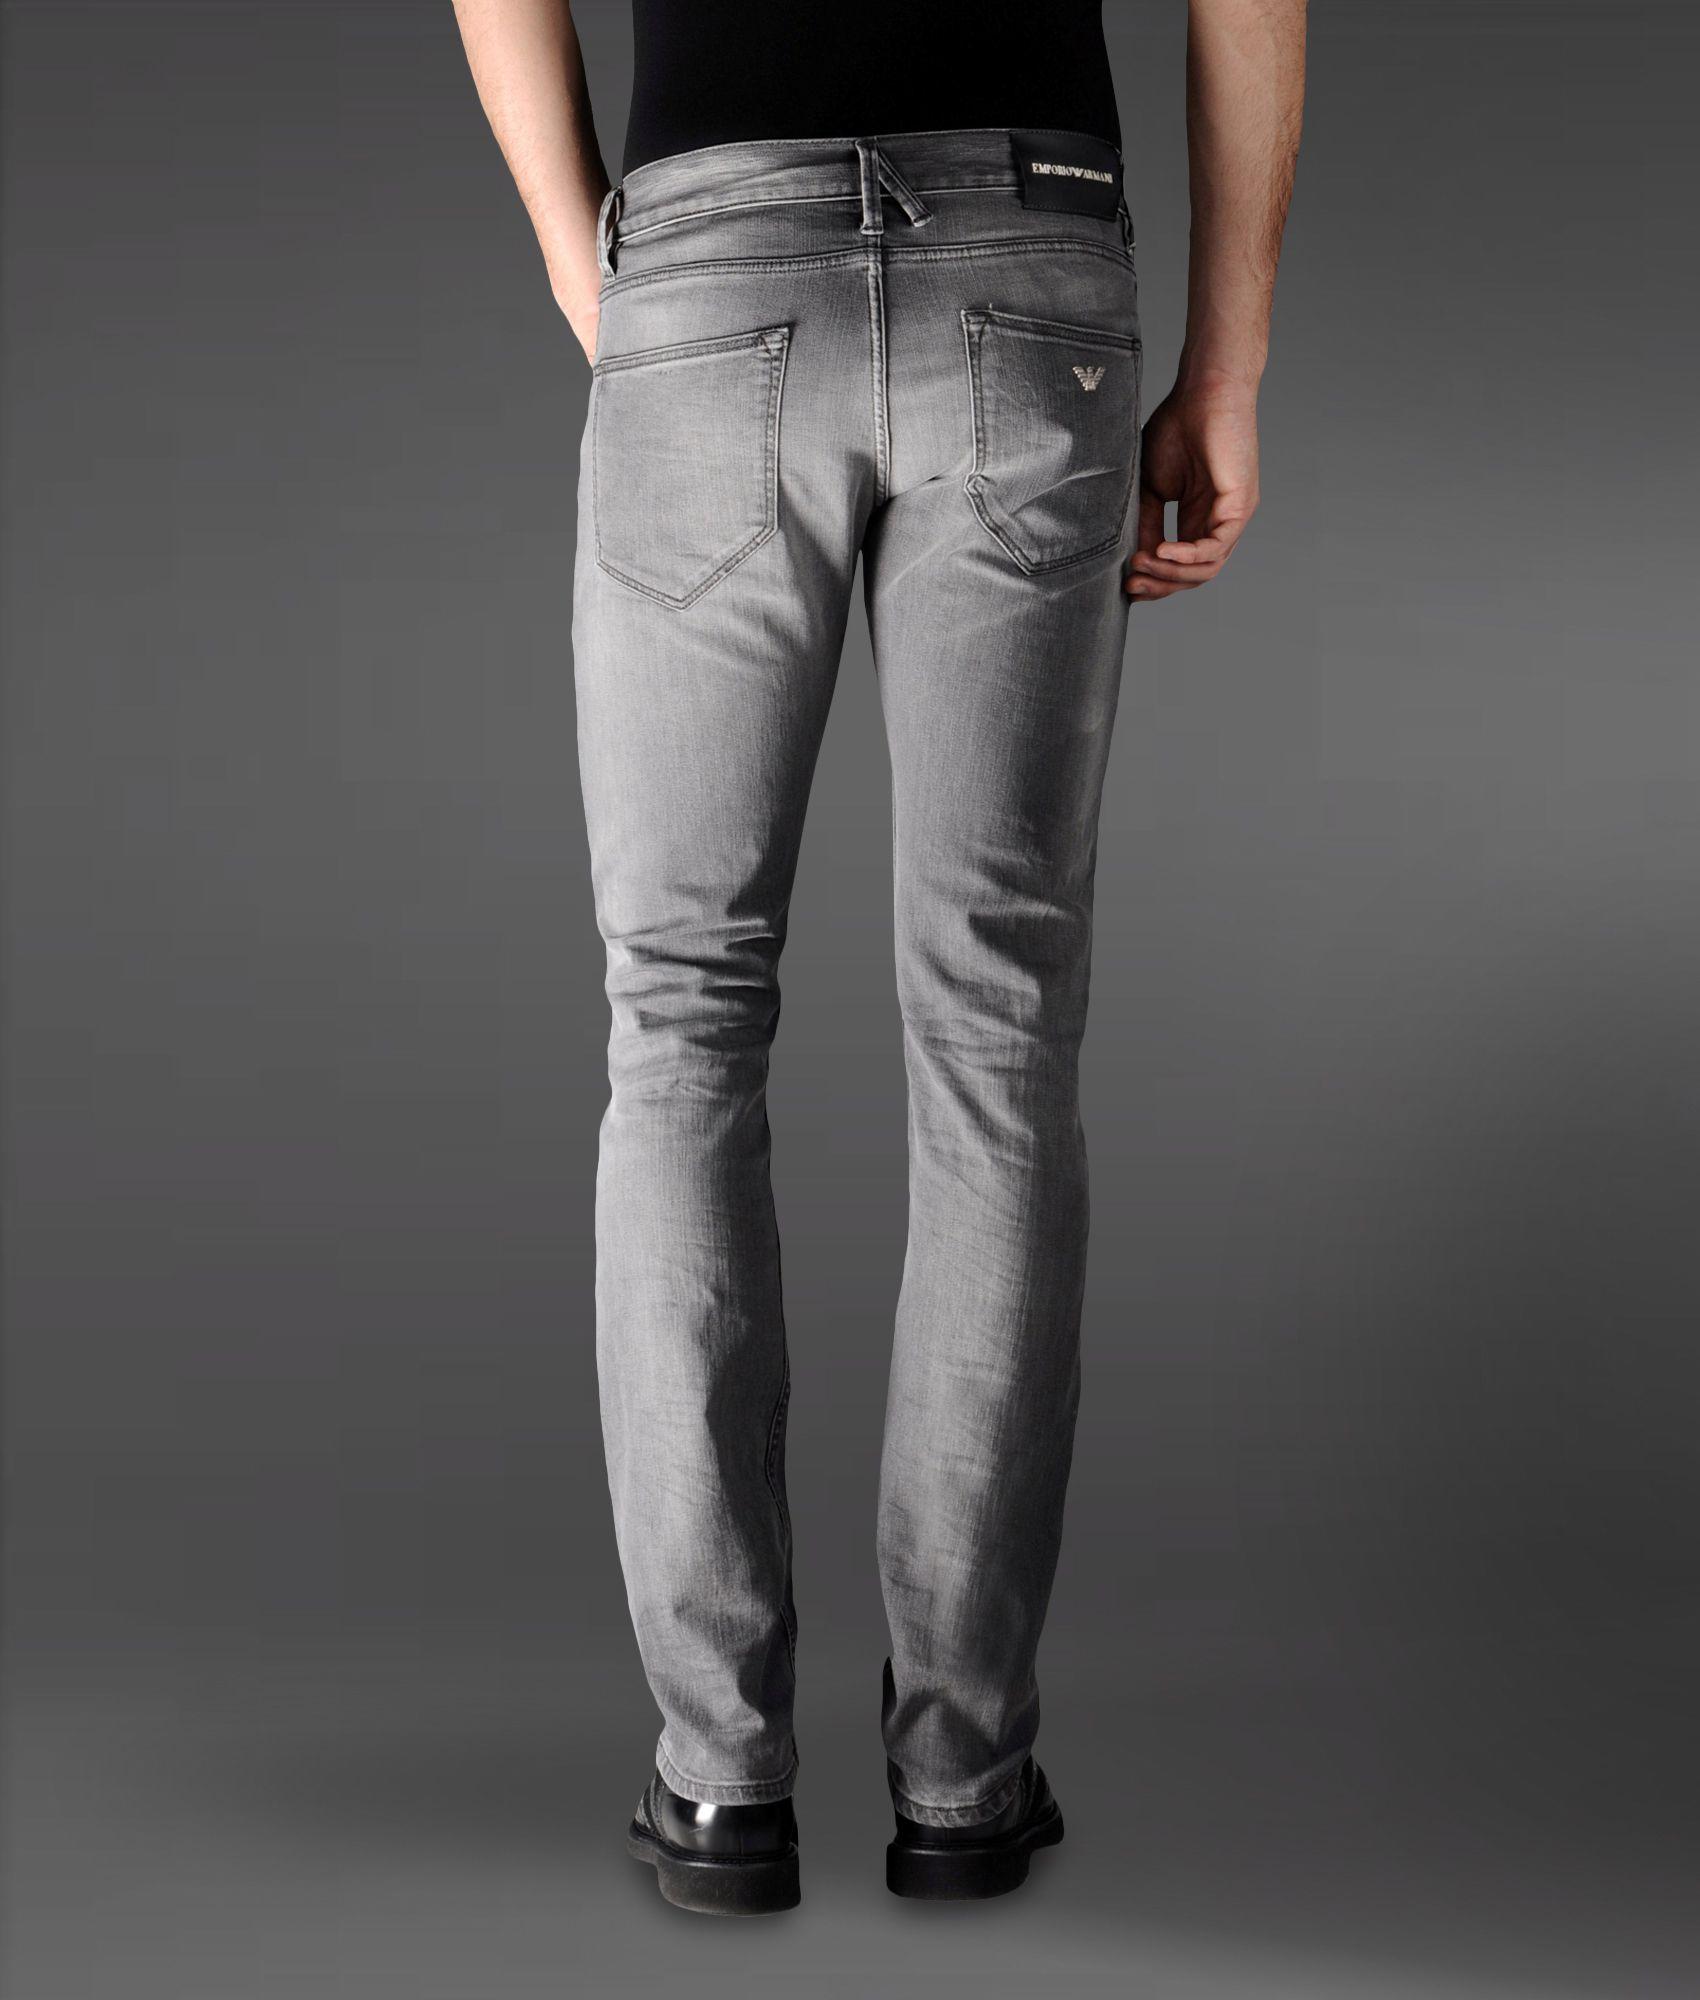 c8f523e7 Emporio Armani Gray Slim Fit Black Denim Jeans Used Wash for men